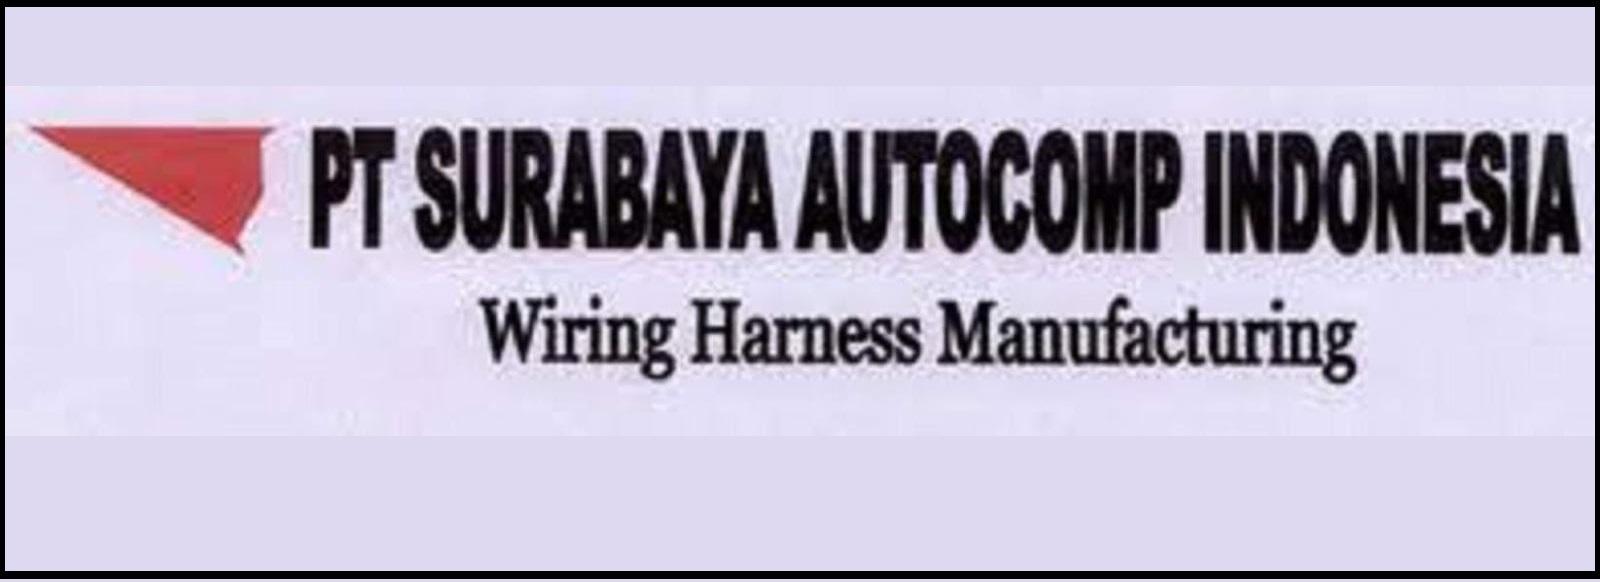 Lowongan Kerja Jatim Hari ini PT Surabaya Autocomp Indonesia 2018